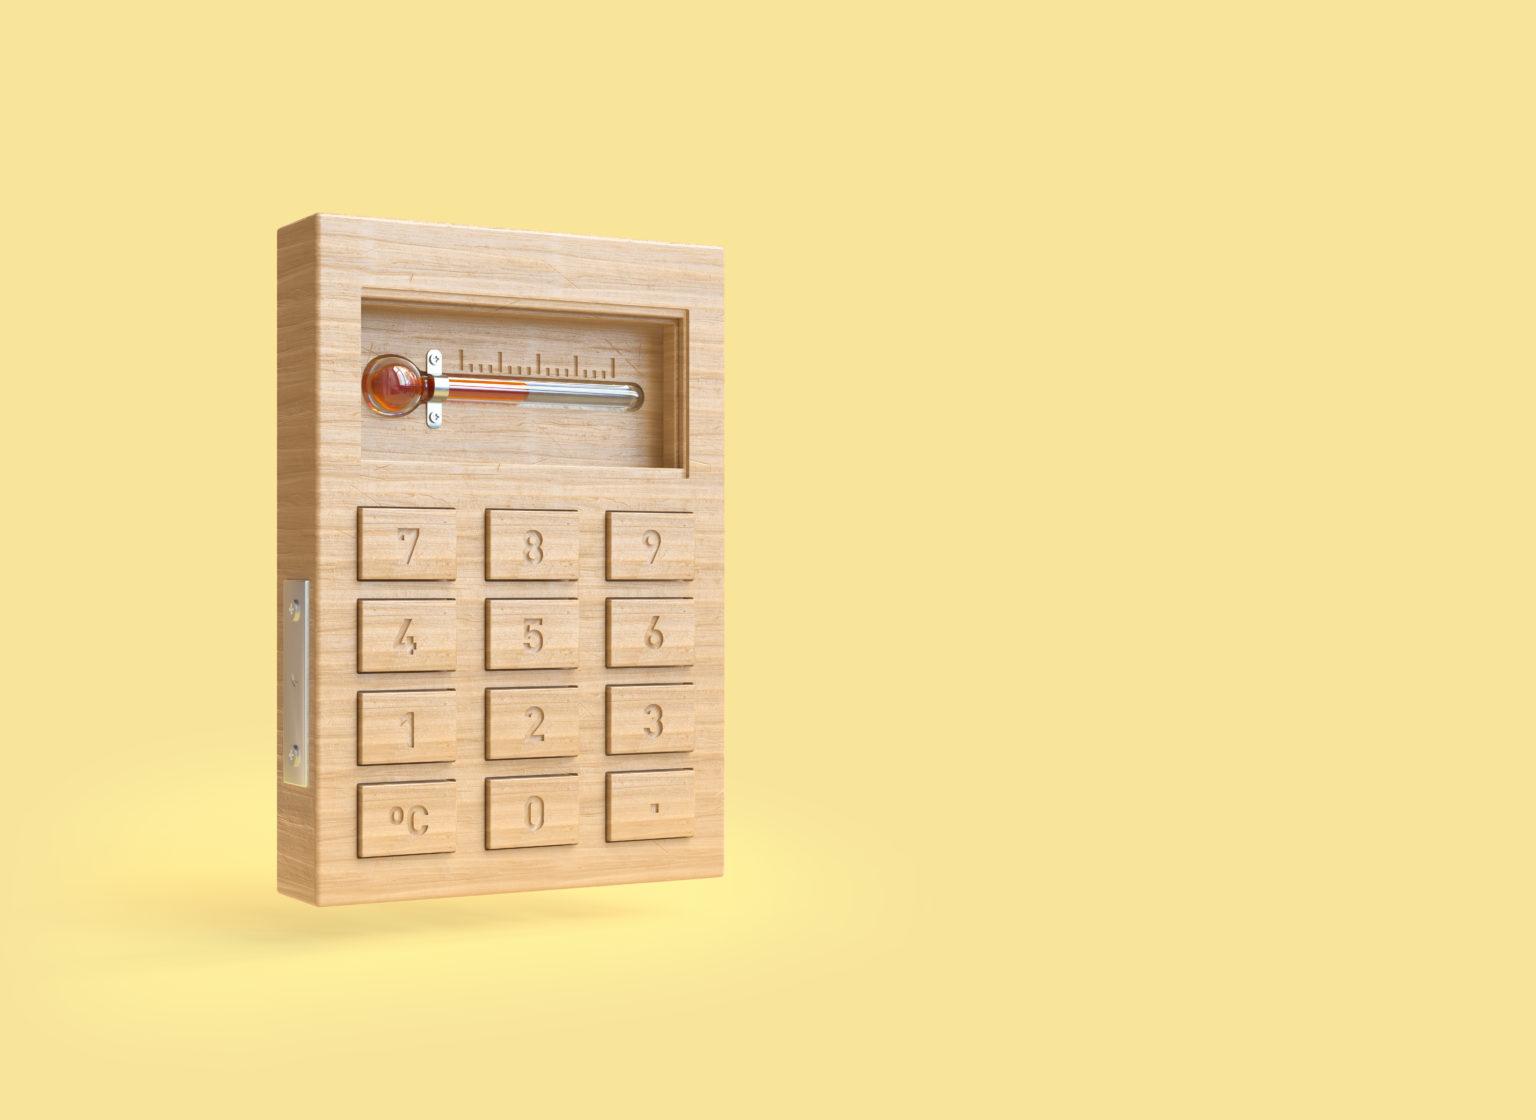 Calculateur pour calculeur les économies d'énergie en image 3D.